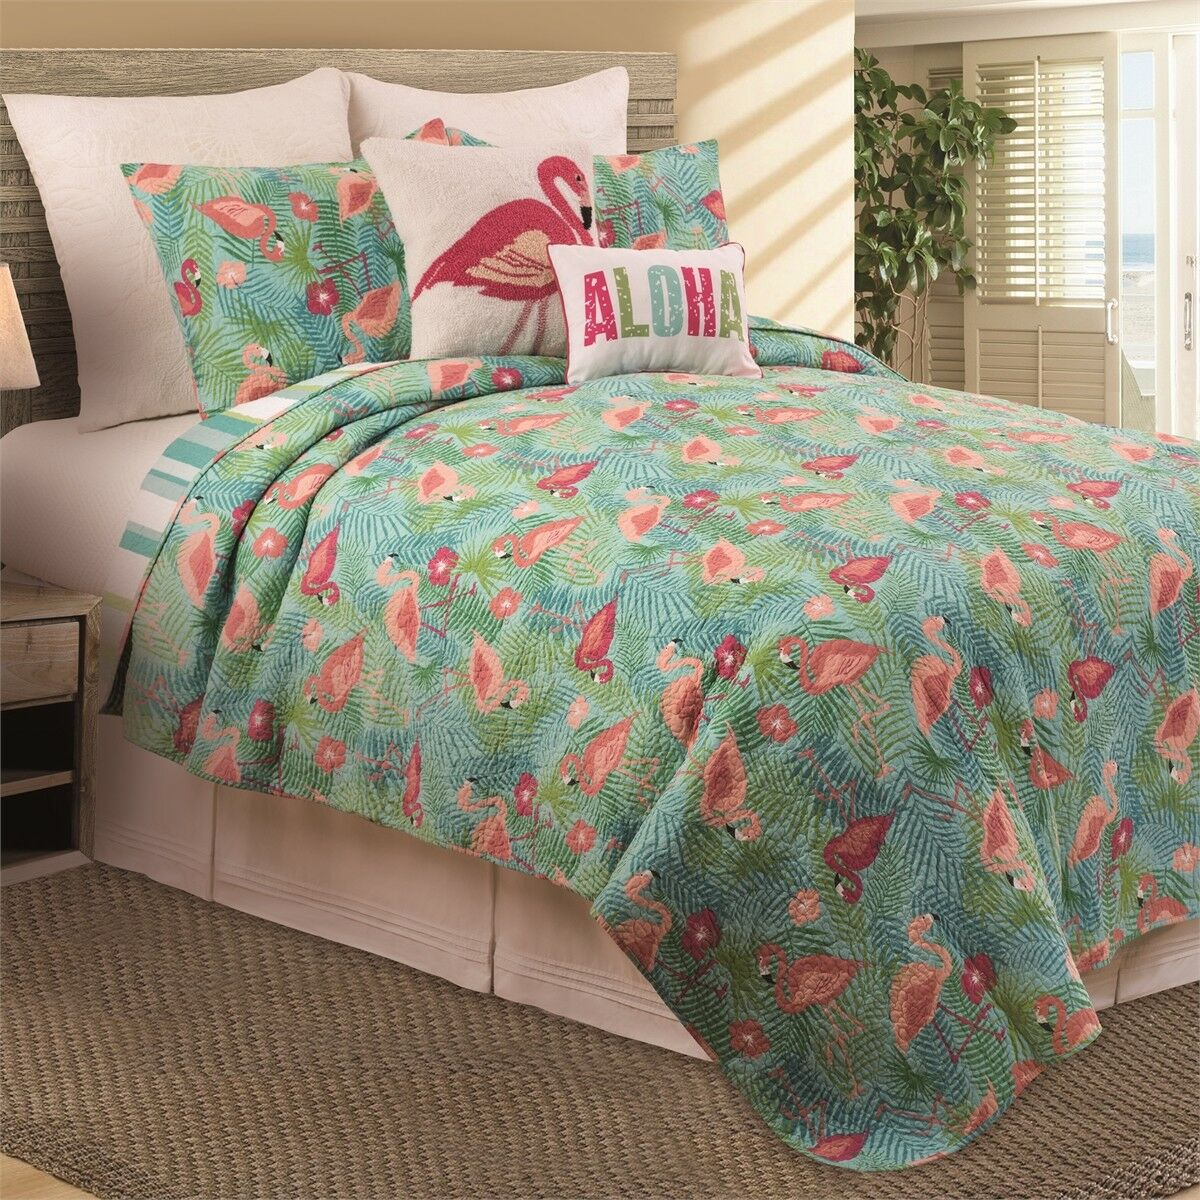 Isla Tropics Queen Quilt 3 Pc Set Vibrant colors Pink Flamingos Quilt + 2 Shams